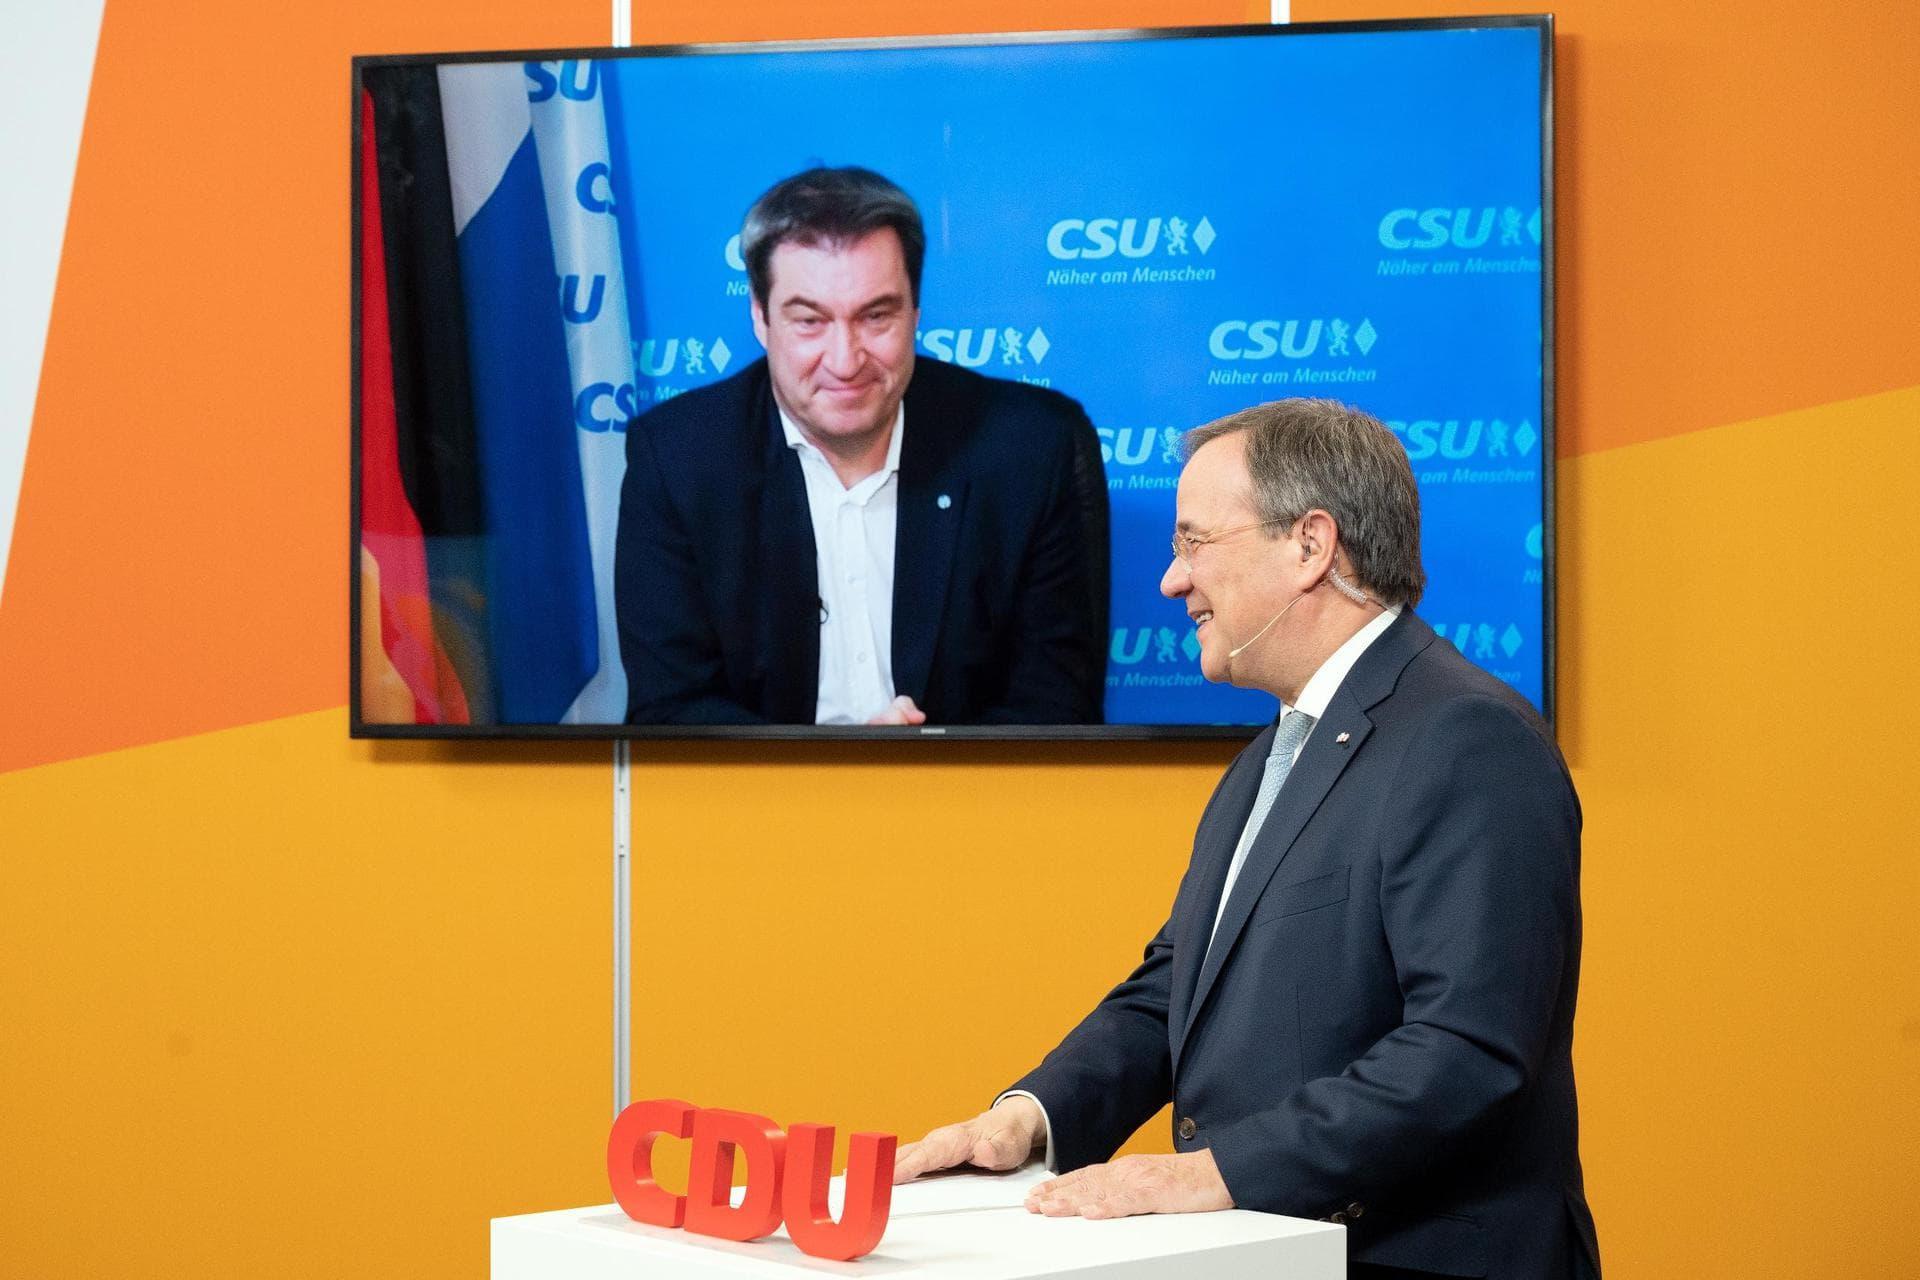 Umfrage: Söders Kandidatenchance nach Laschet-Wahl gestiegen K-Frage in der Union